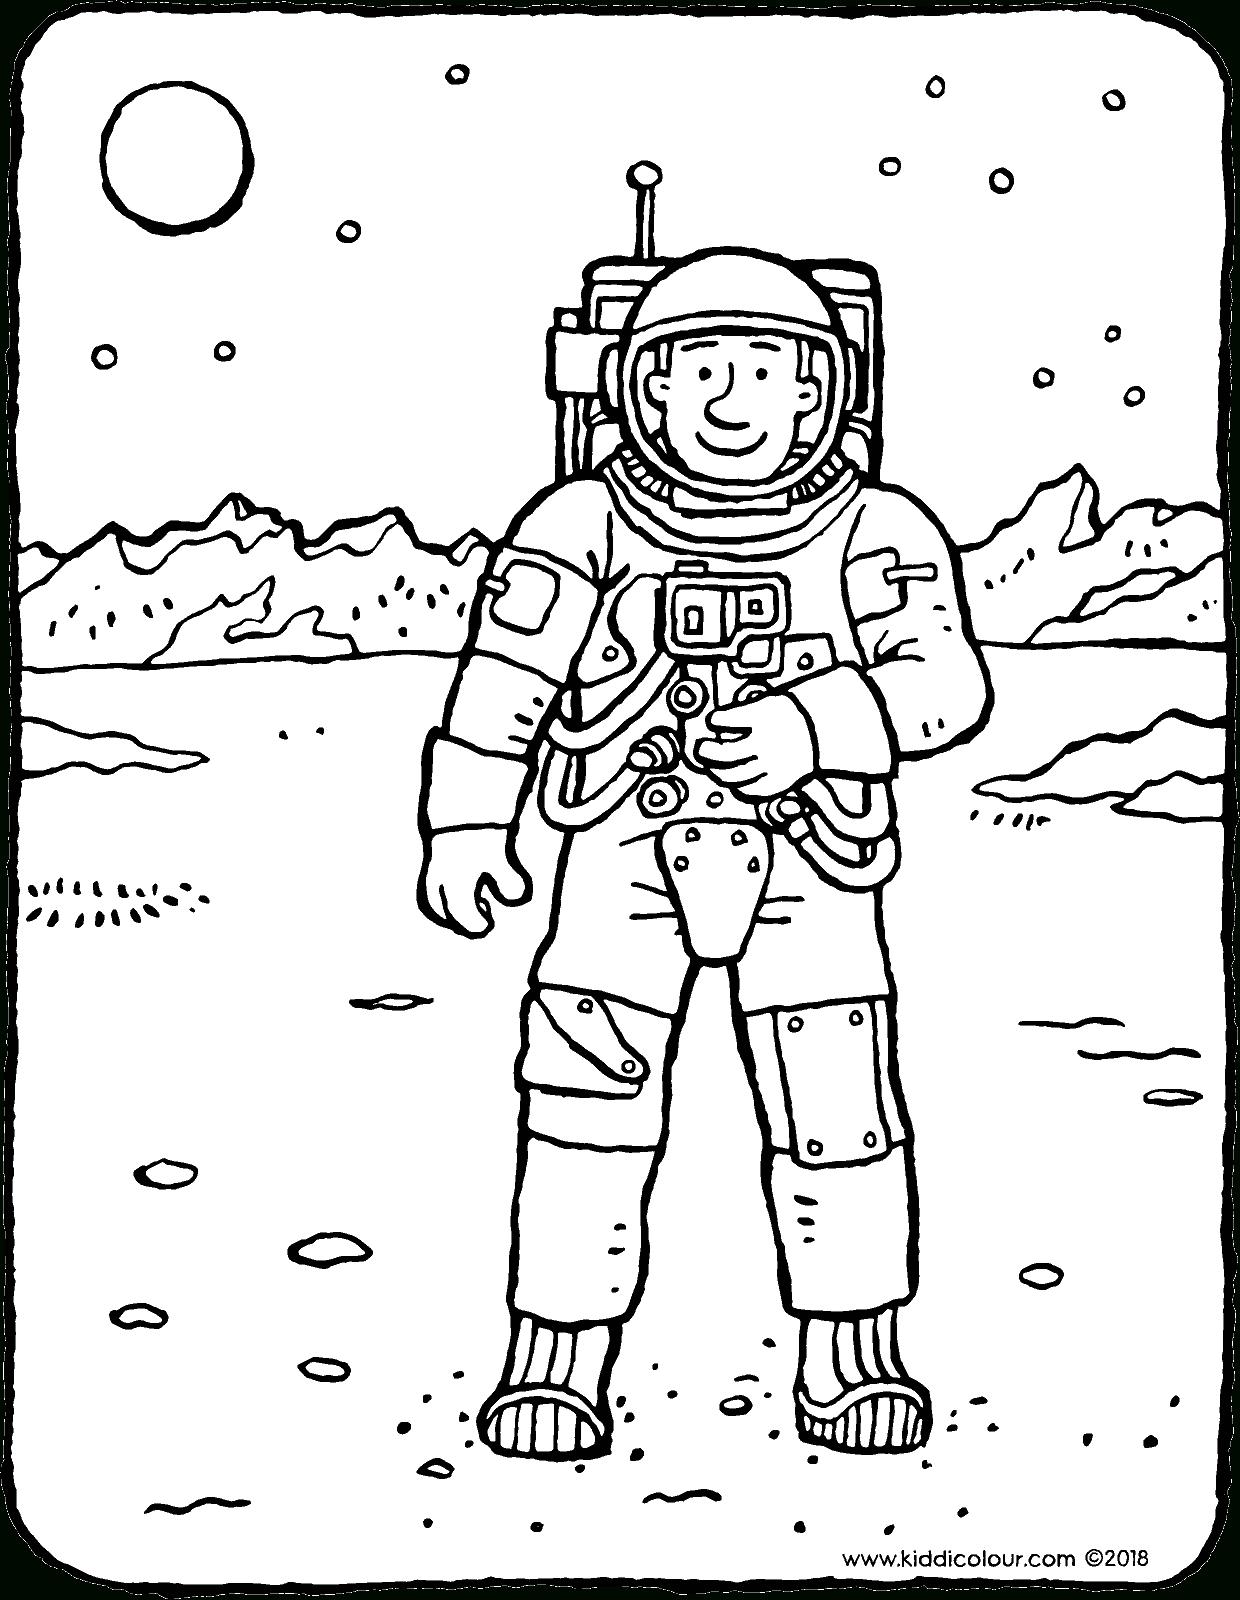 Astronaute Coloriage Dessin Image À Colorier 01V | Coloriage concernant Coloriage Astronaute